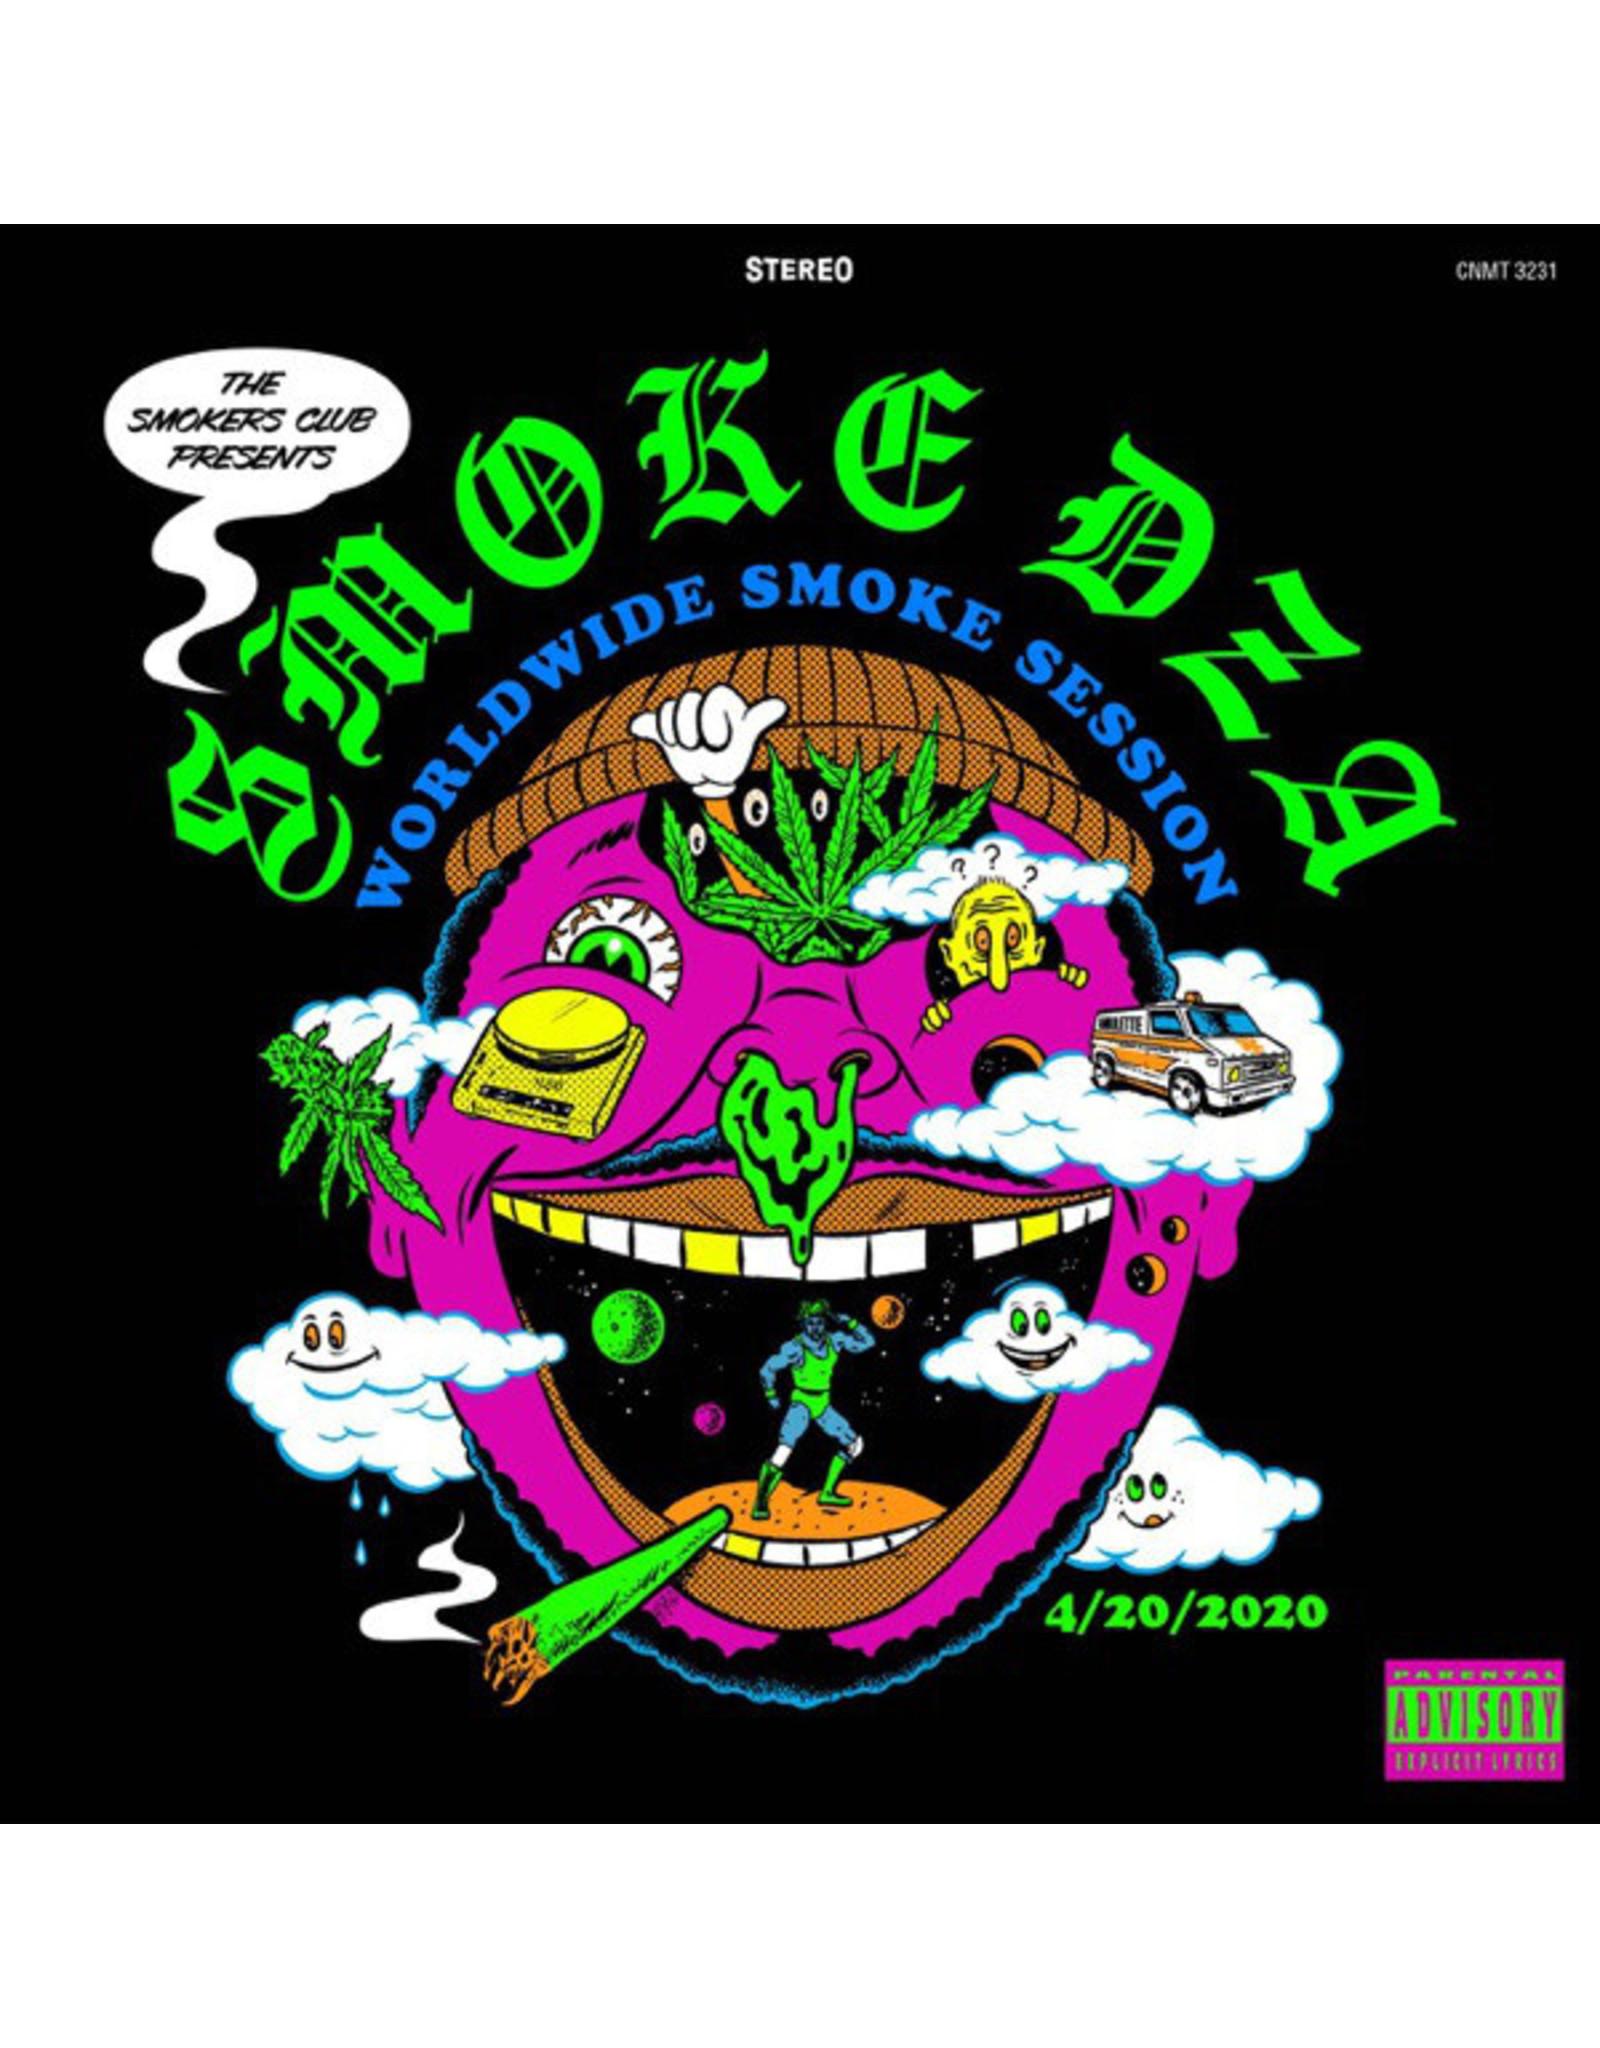 New Vinyl Smoke DZA - Worldwide Smoke Session (Glow In The Dark) LP